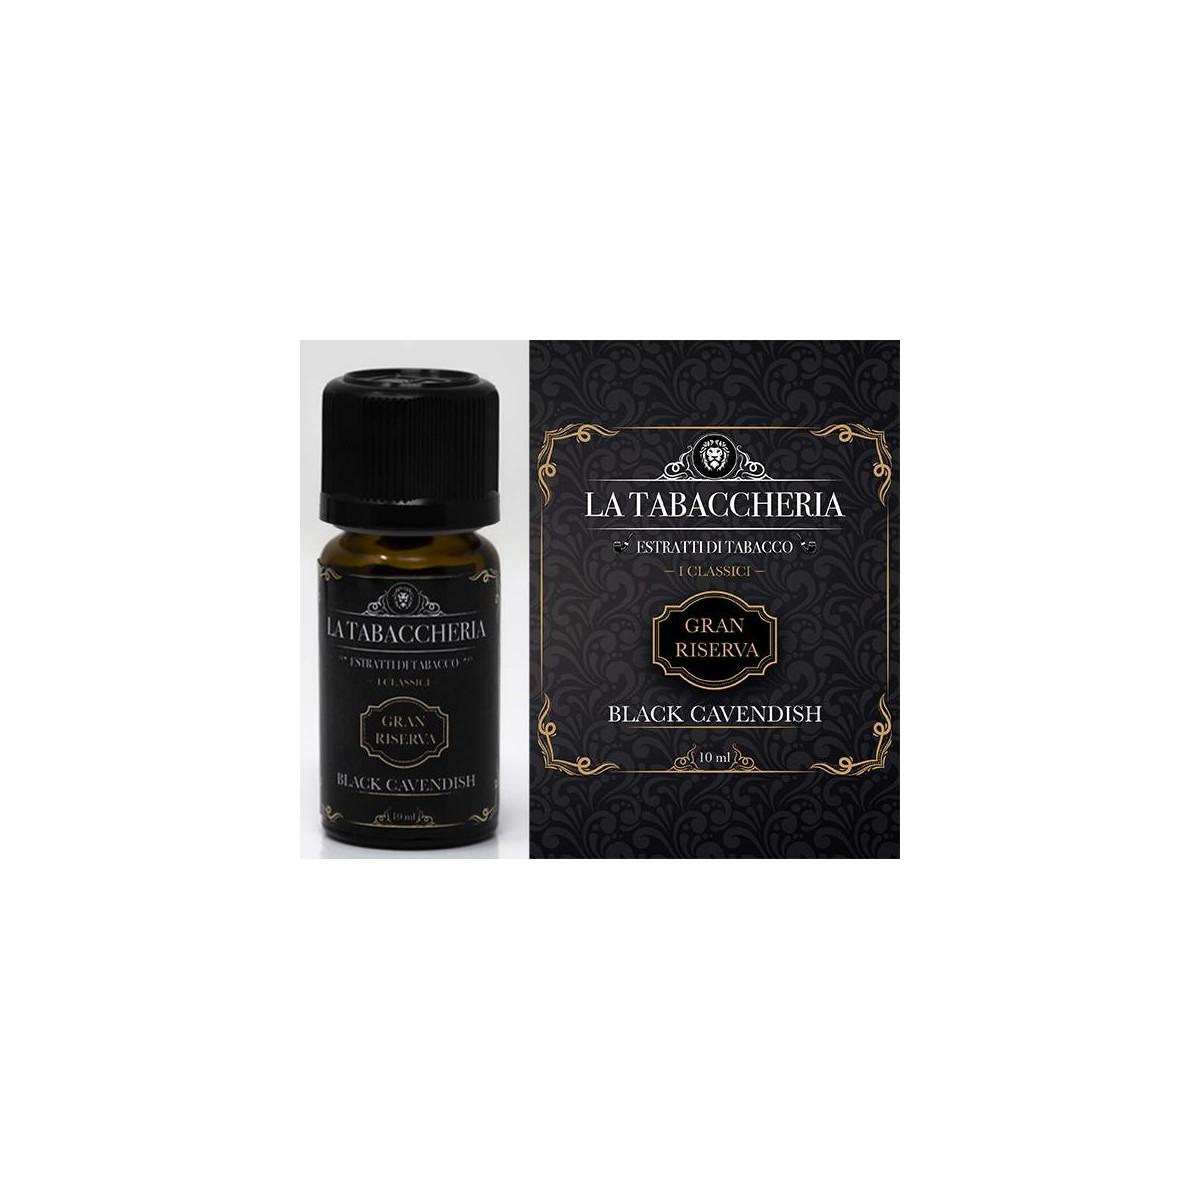 La Tabaccheria Estratto di Tabacco Gran Riserva Black Cavendish 10ml